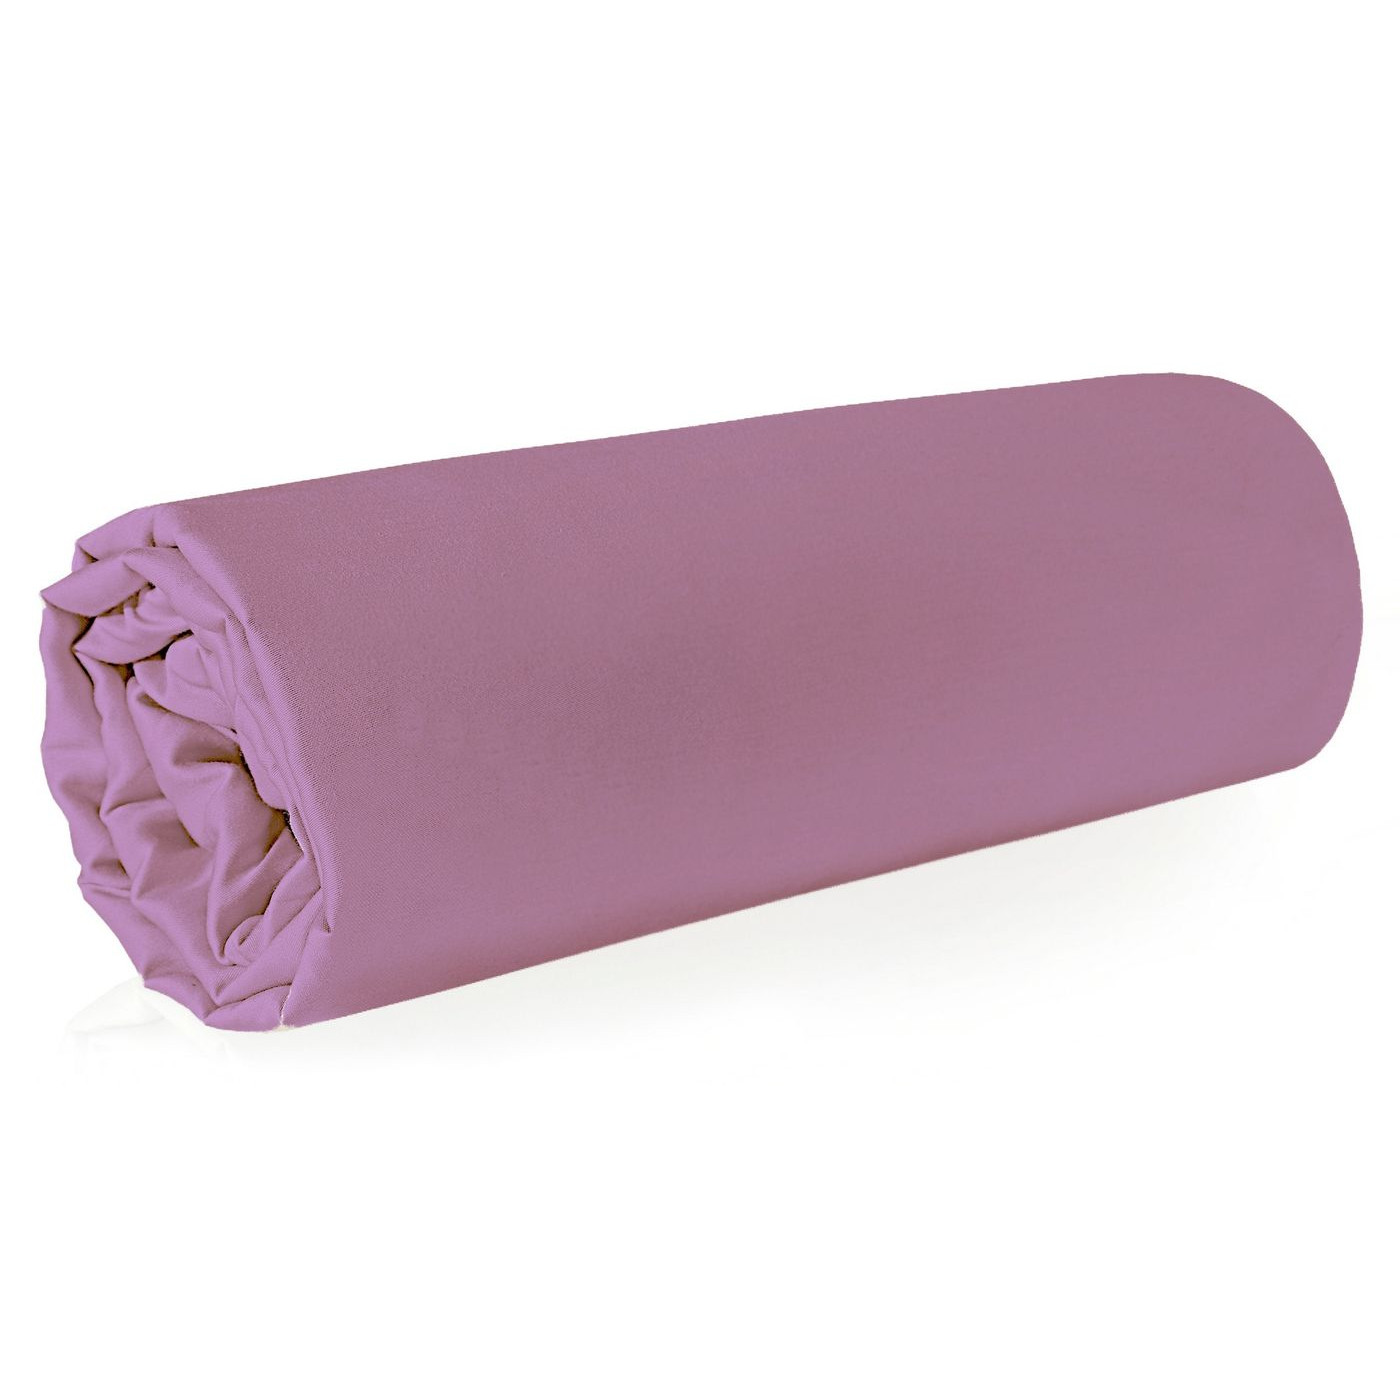 Prześcieradło z makosatyny gładkie 160x210 kolor różowy